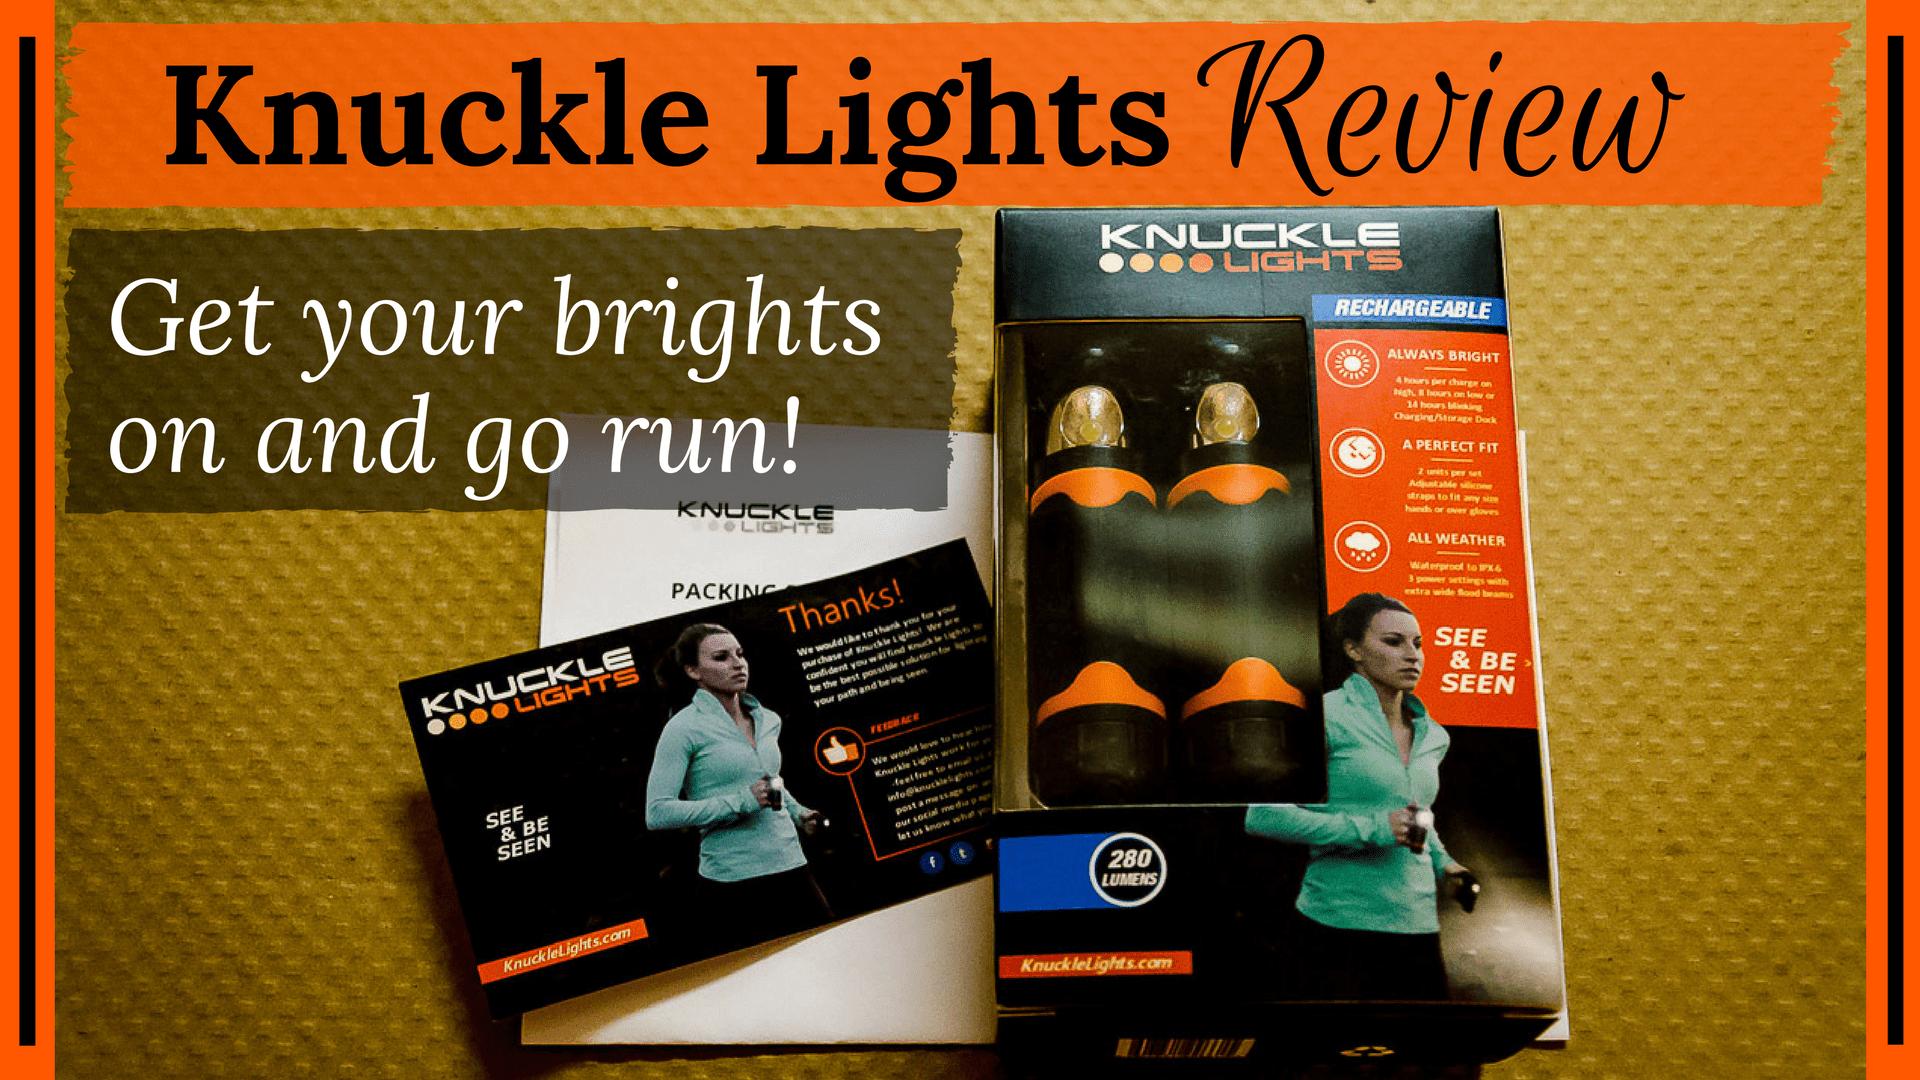 Knuckle Lights (1)